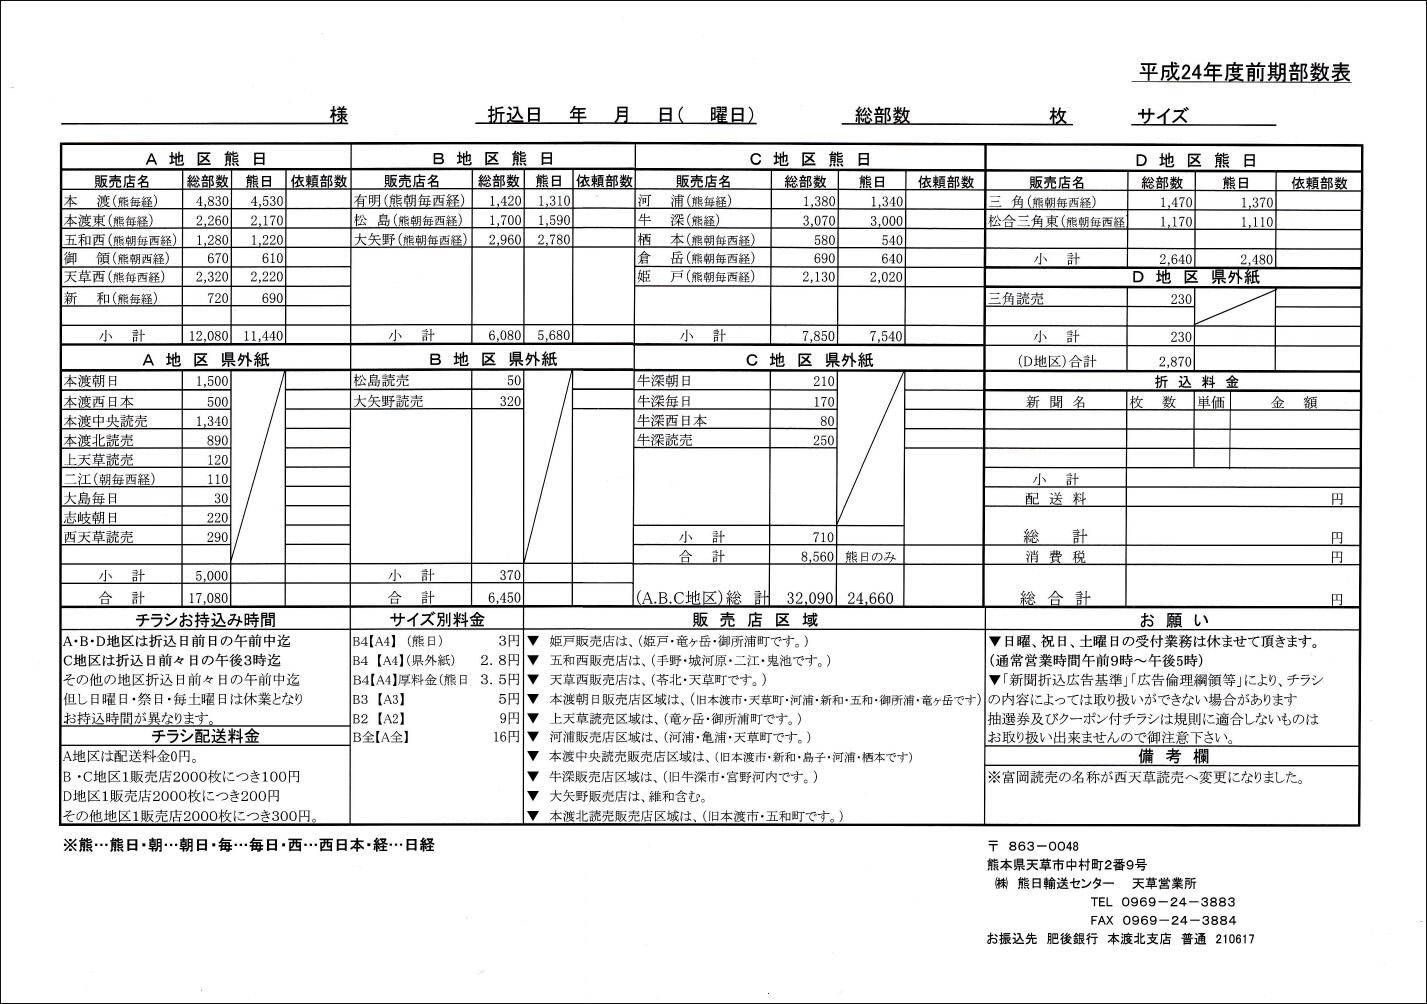 moushikomi_01.jpg